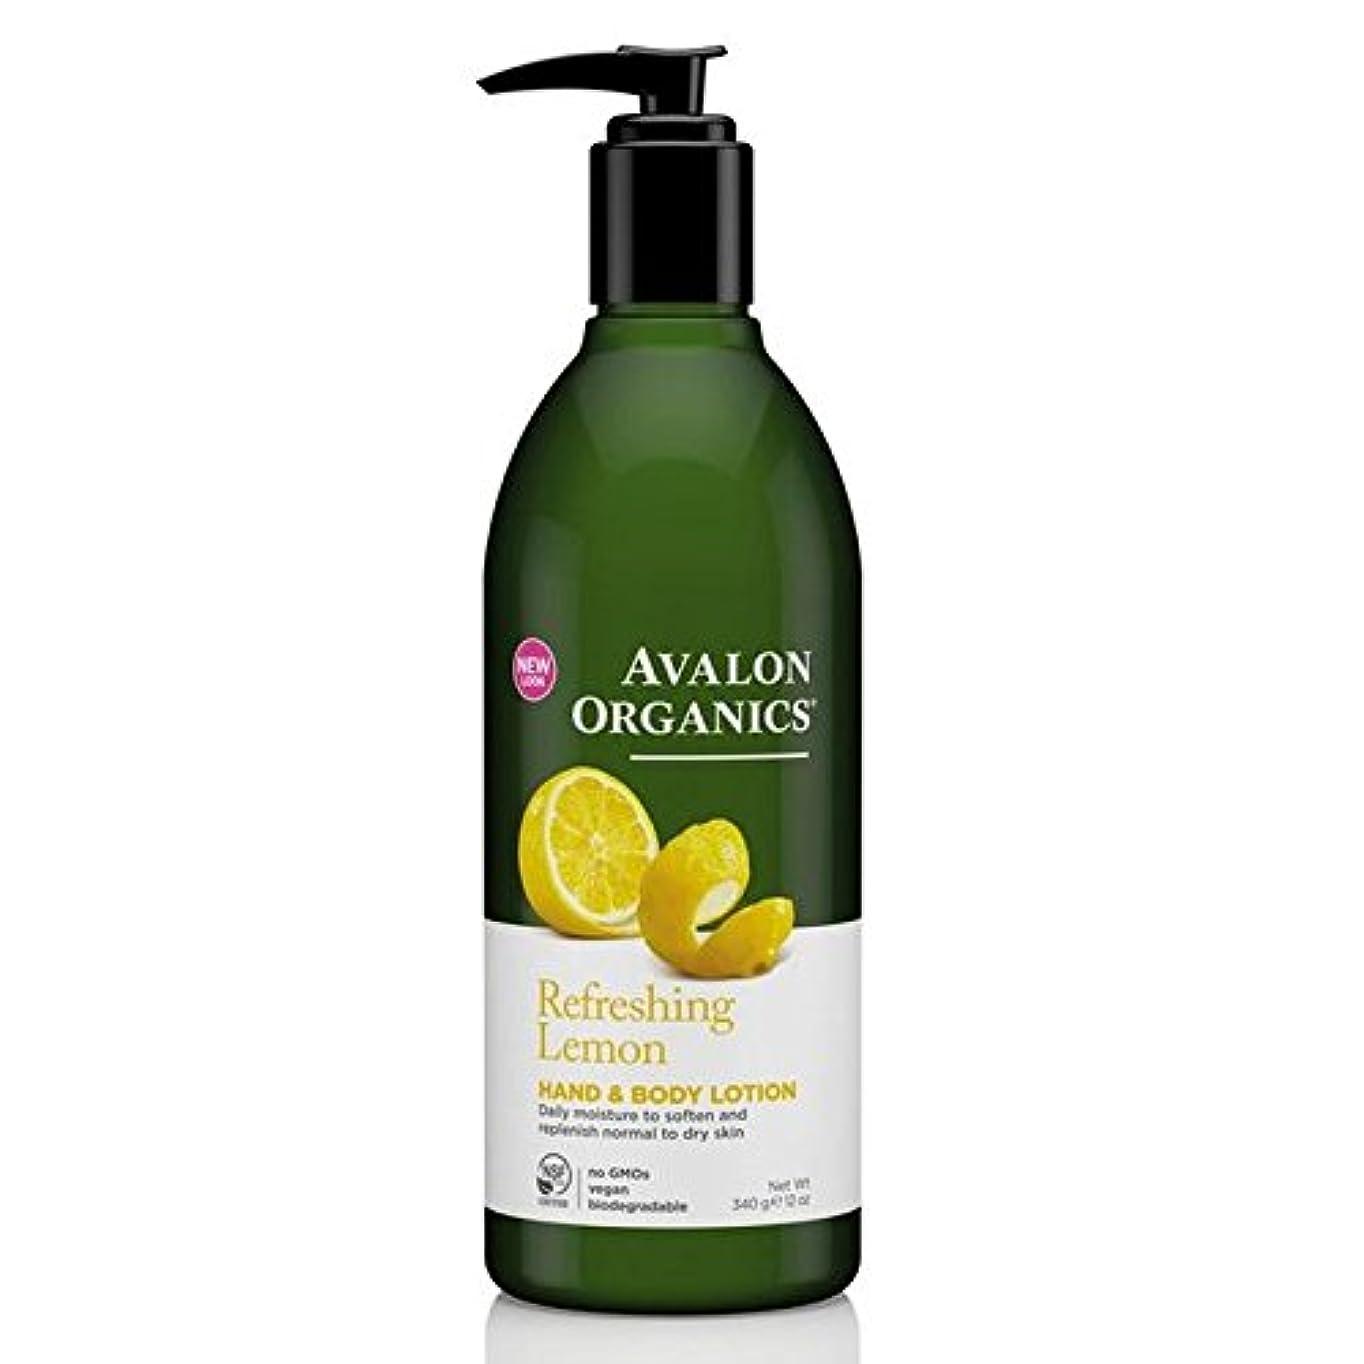 艦隊コンテスト地元Avalon Organics Lemon Hand & Body Lotion 340g - (Avalon) レモンハンド&ボディローション340グラム [並行輸入品]